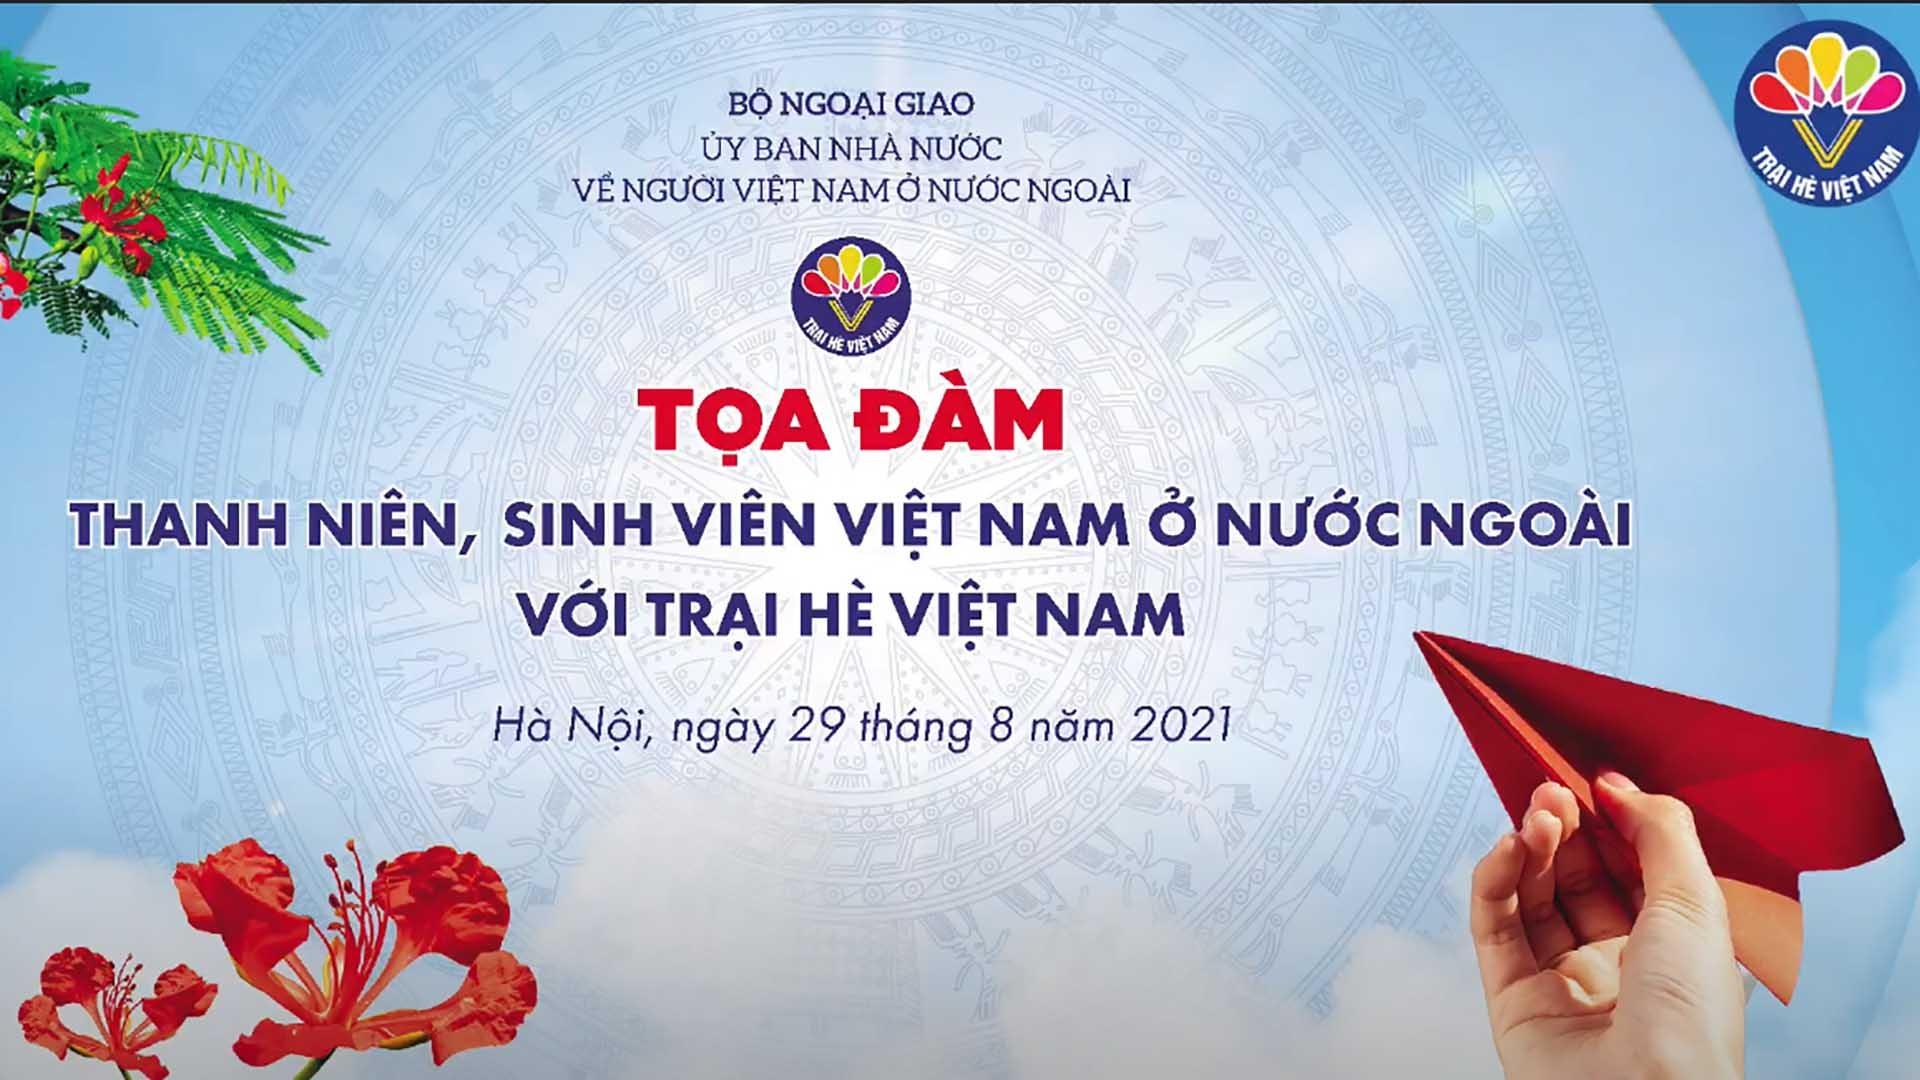 Tọa đàm 'Thanh niên, sinh viên Việt Nam ở nước ngoài với Trại hè Việt Nam'